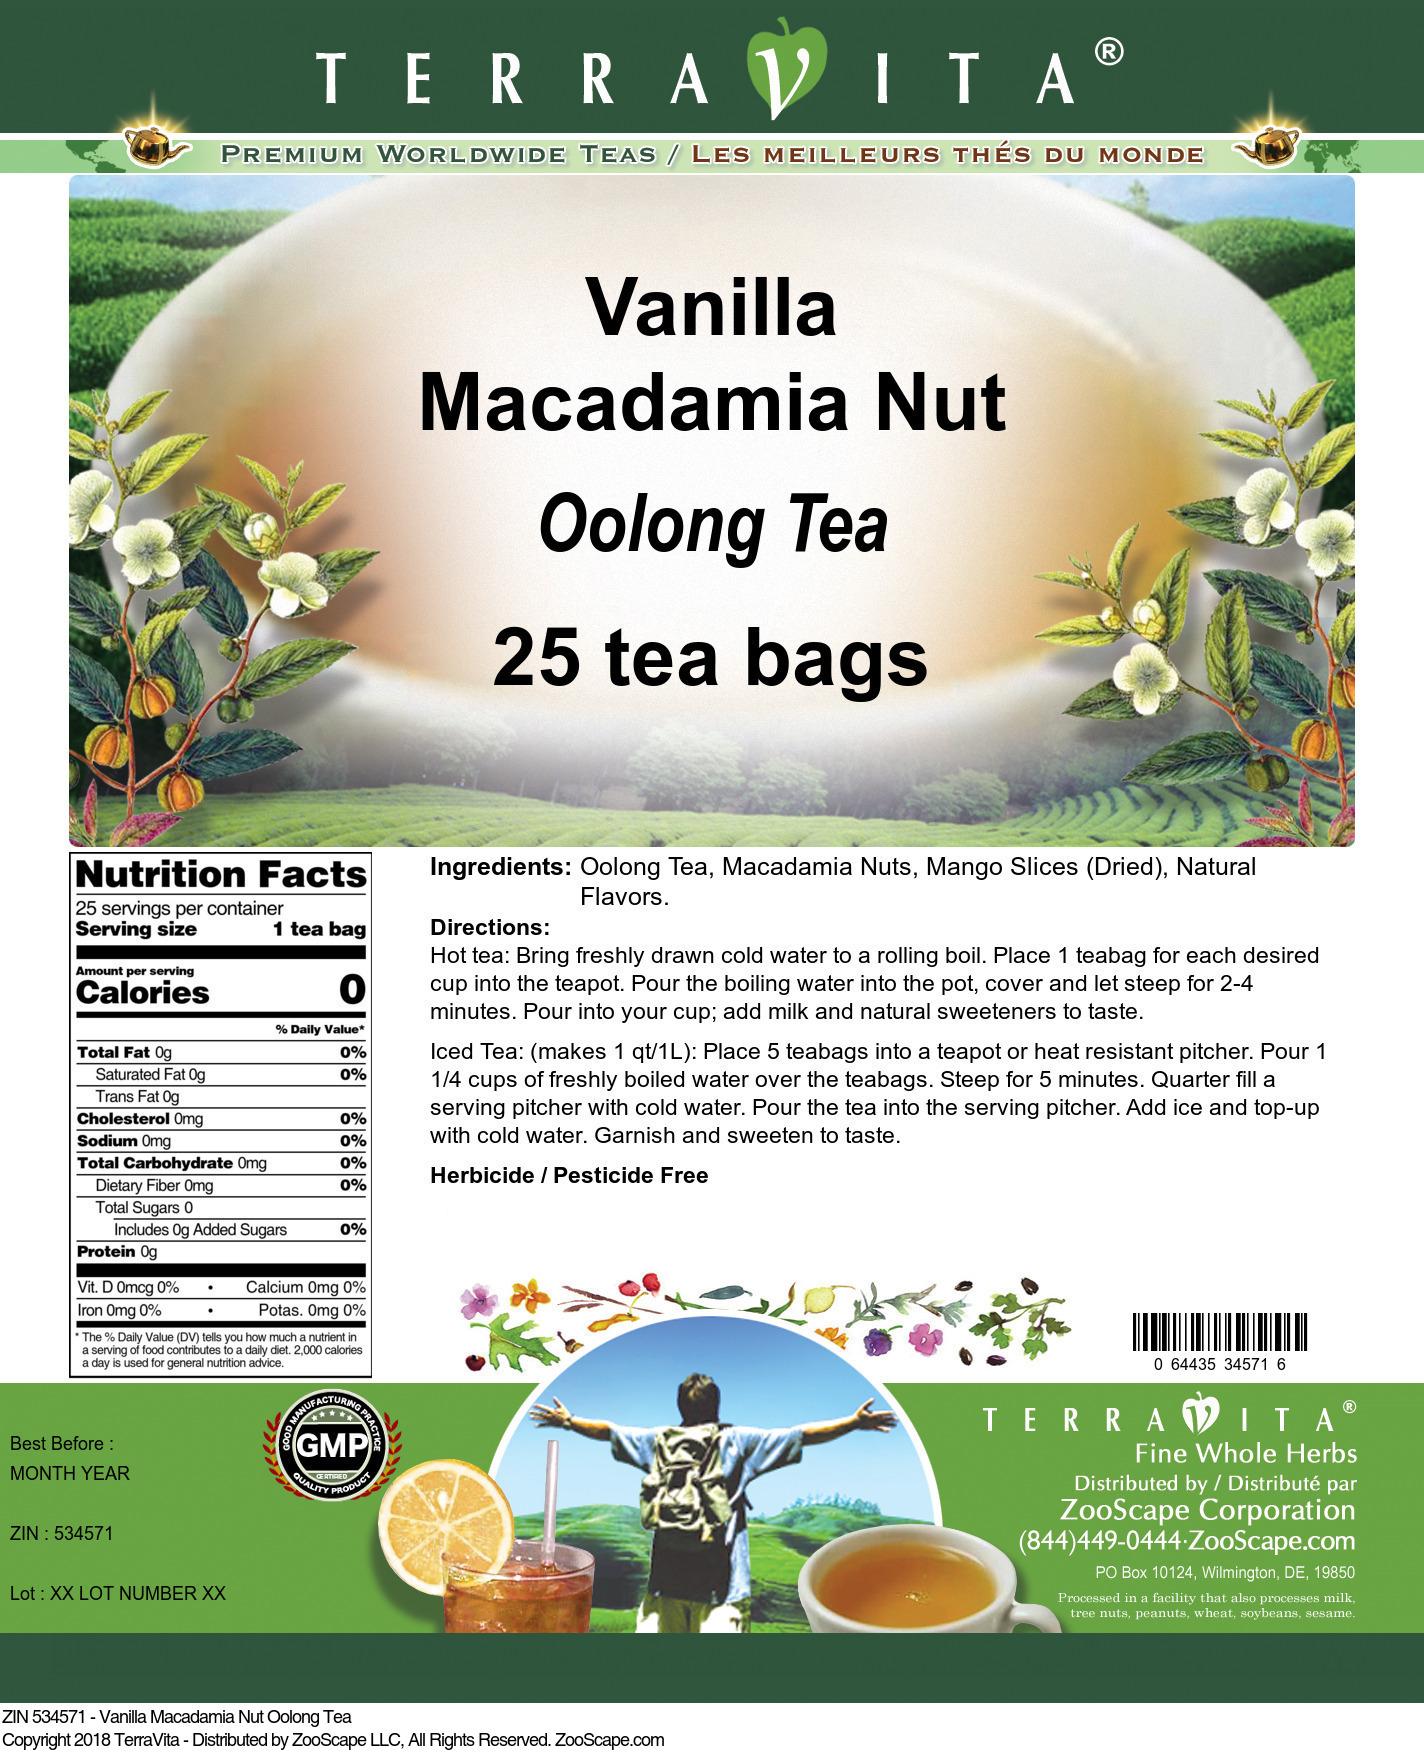 Vanilla Macadamia Nut Oolong Tea